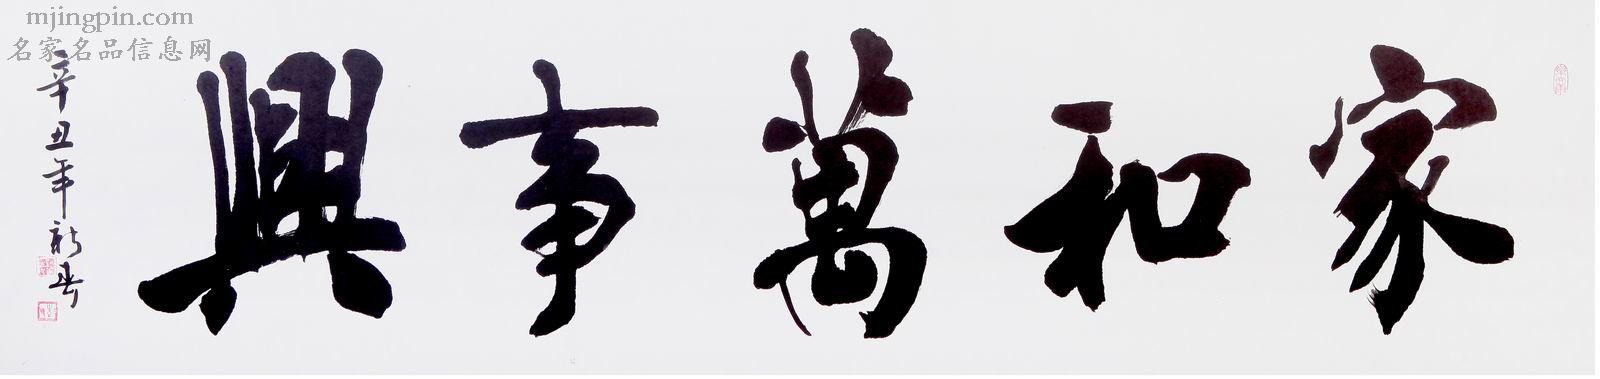 彭新春书法9